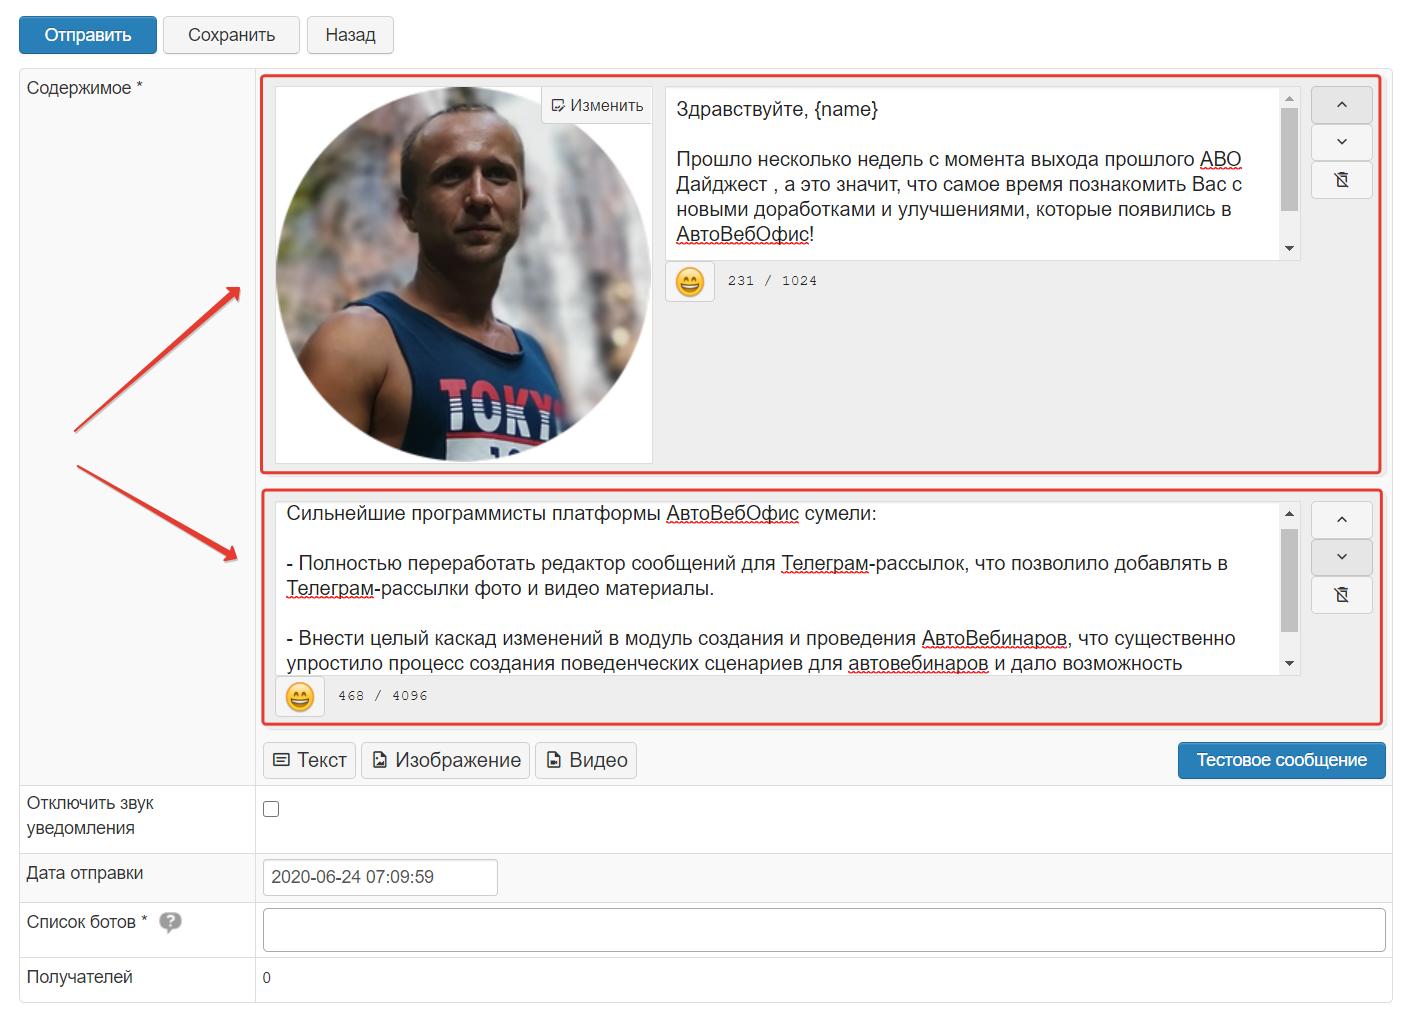 комбинация текстов фото и видео в телеграм-рассылках в онлайн-школе